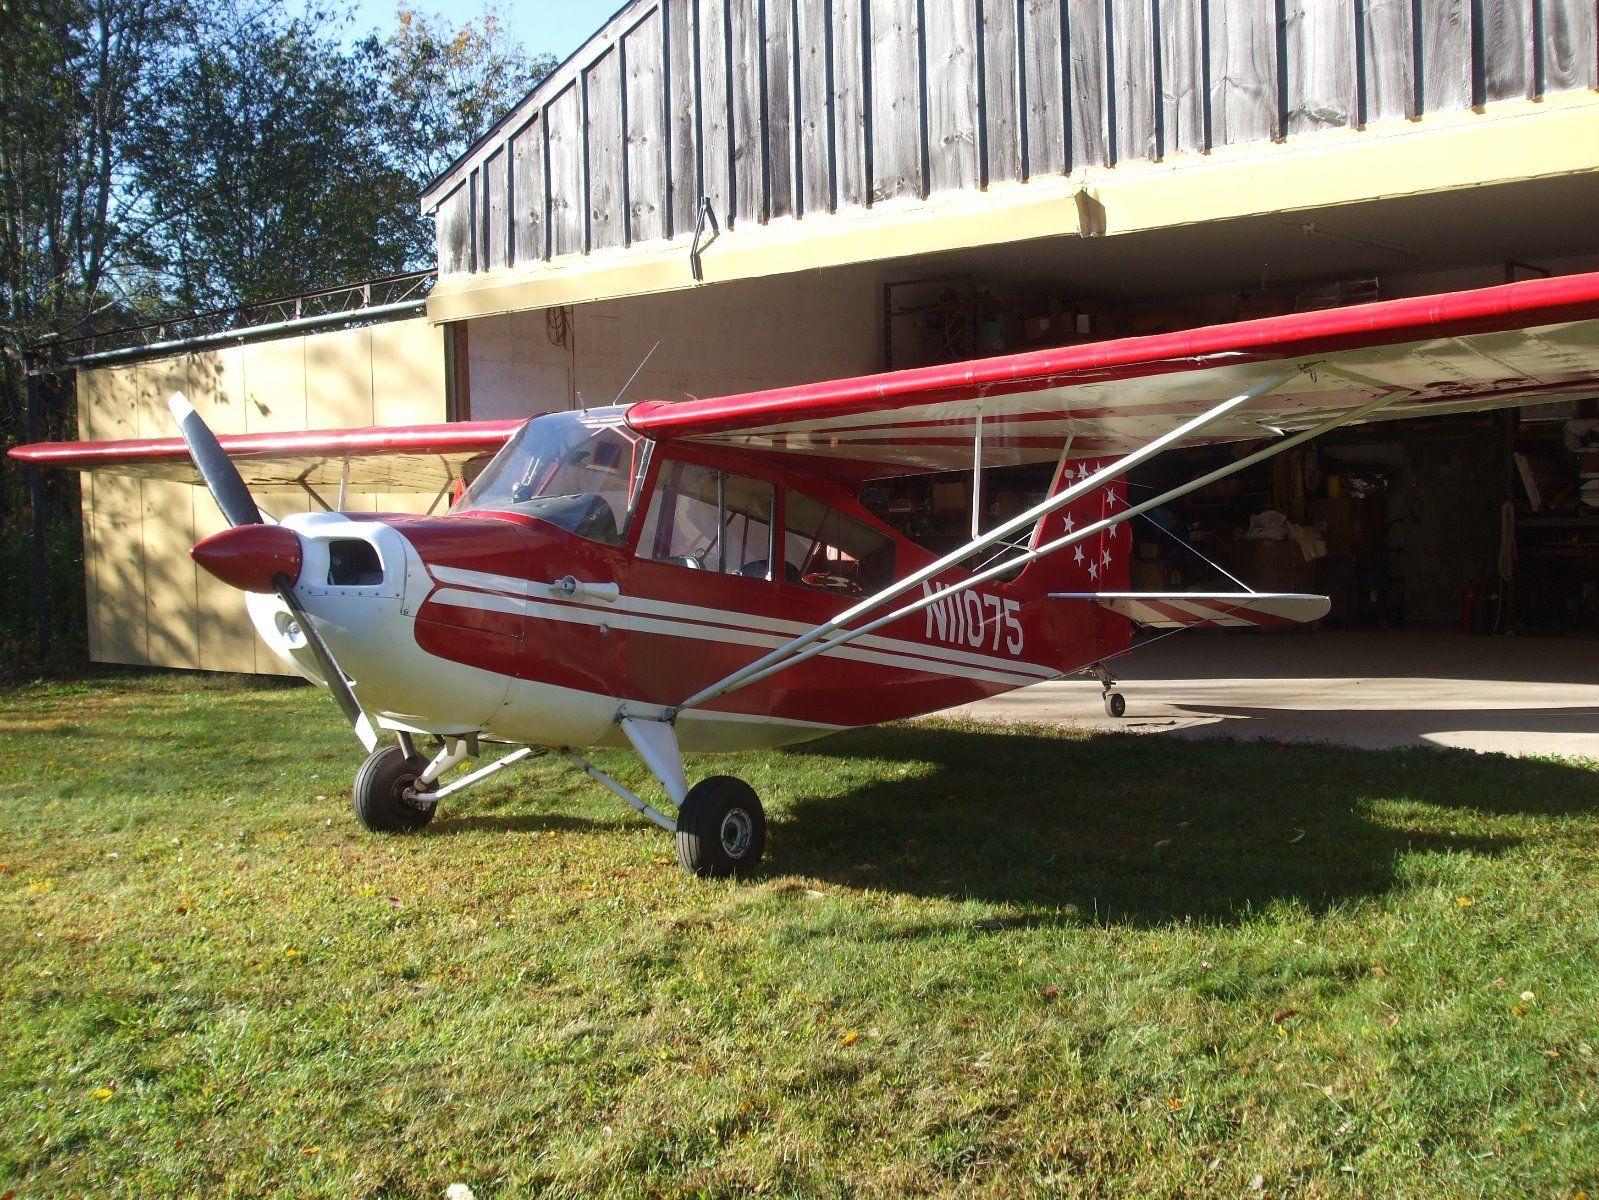 clean 1965 Citabria 7ECA aircraft for sale